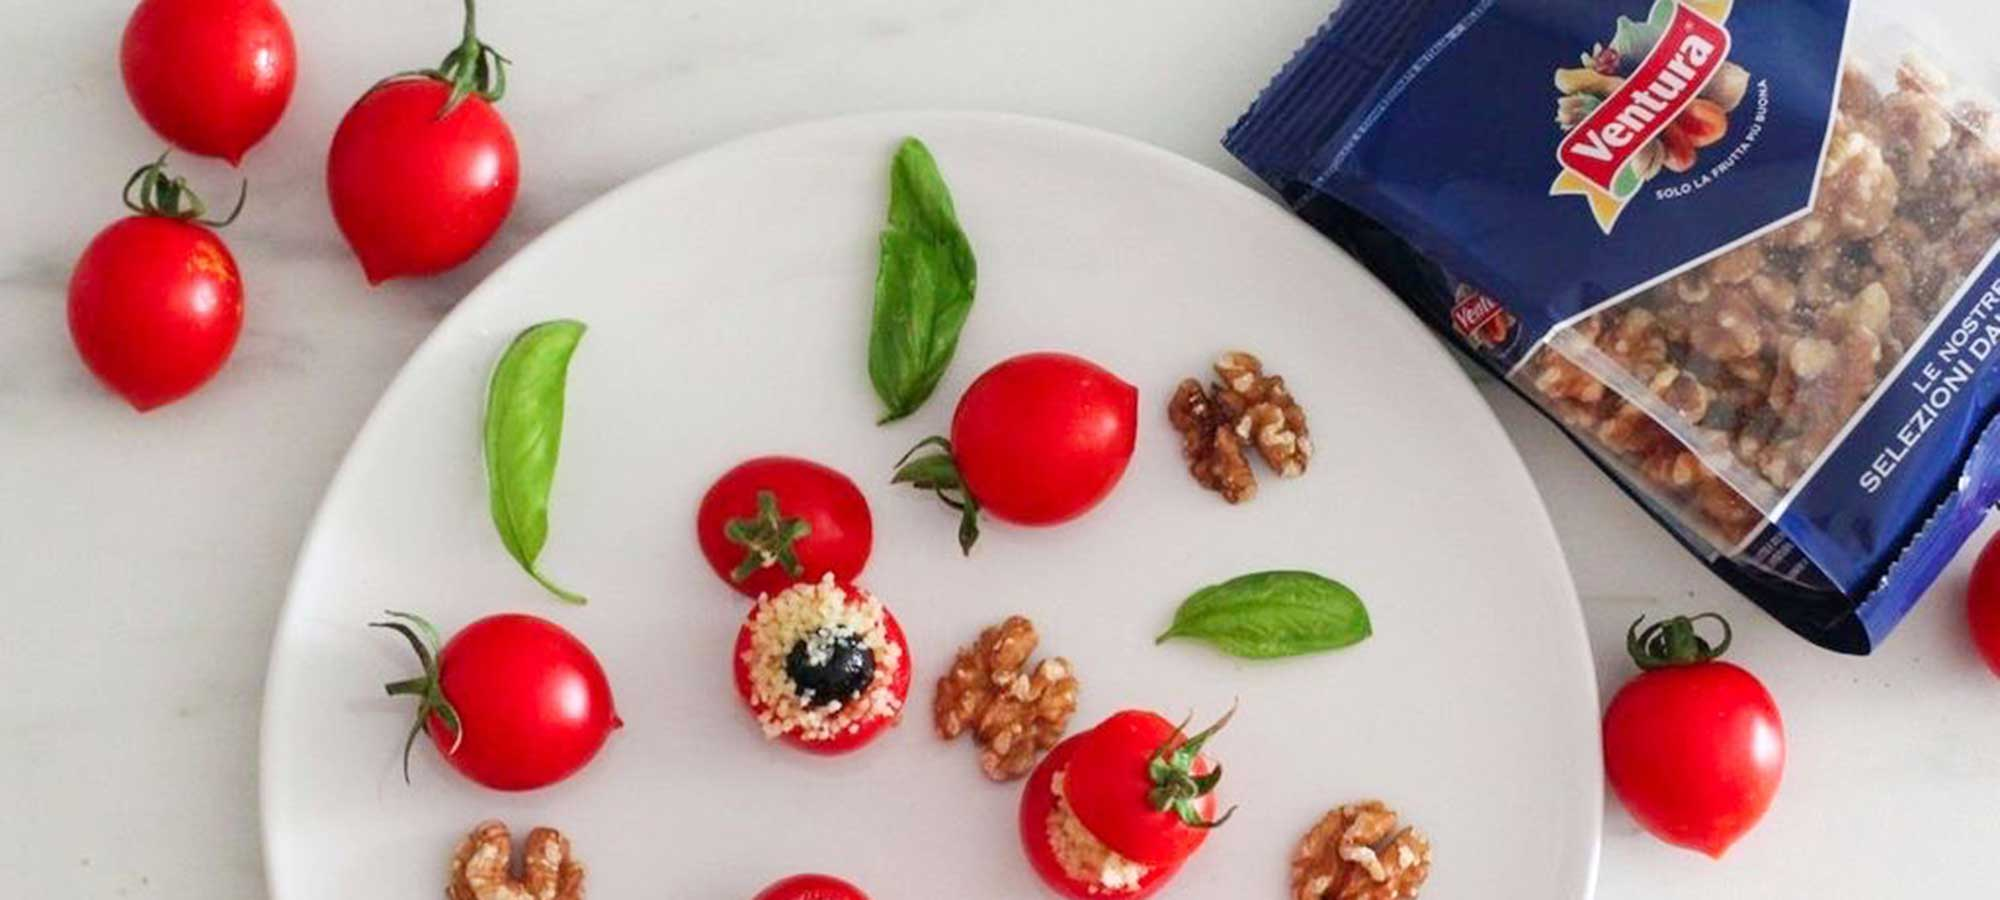 Pomodori ripieni di cous cous e noci Ventura